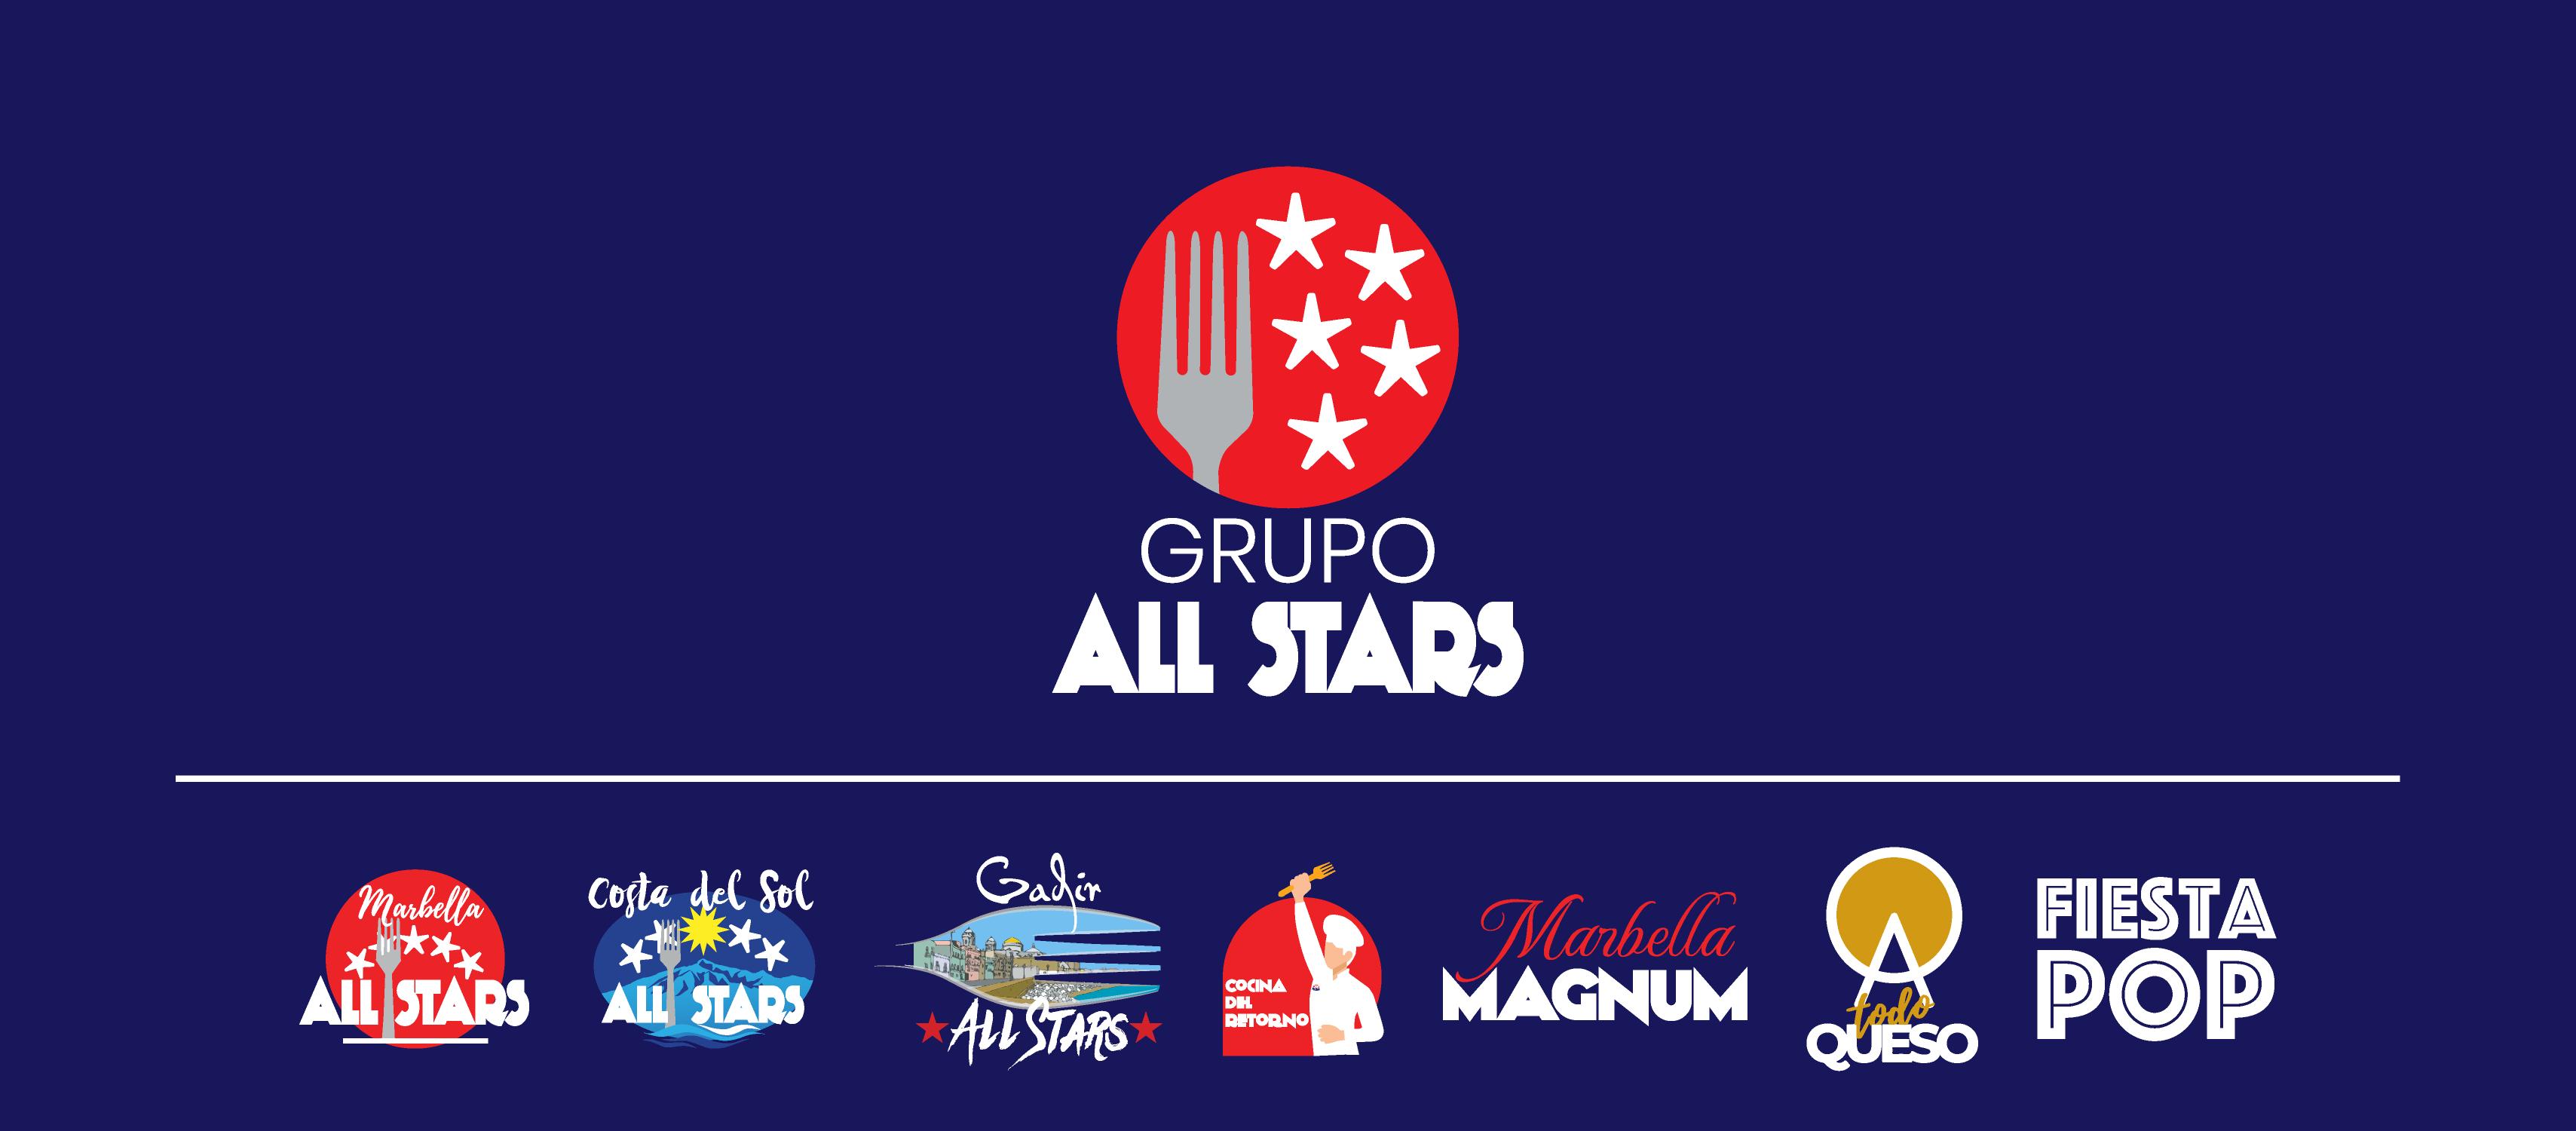 El Grupo All Stars presenta Portal de Reservas asociado y nueva Imagen Coorporativa